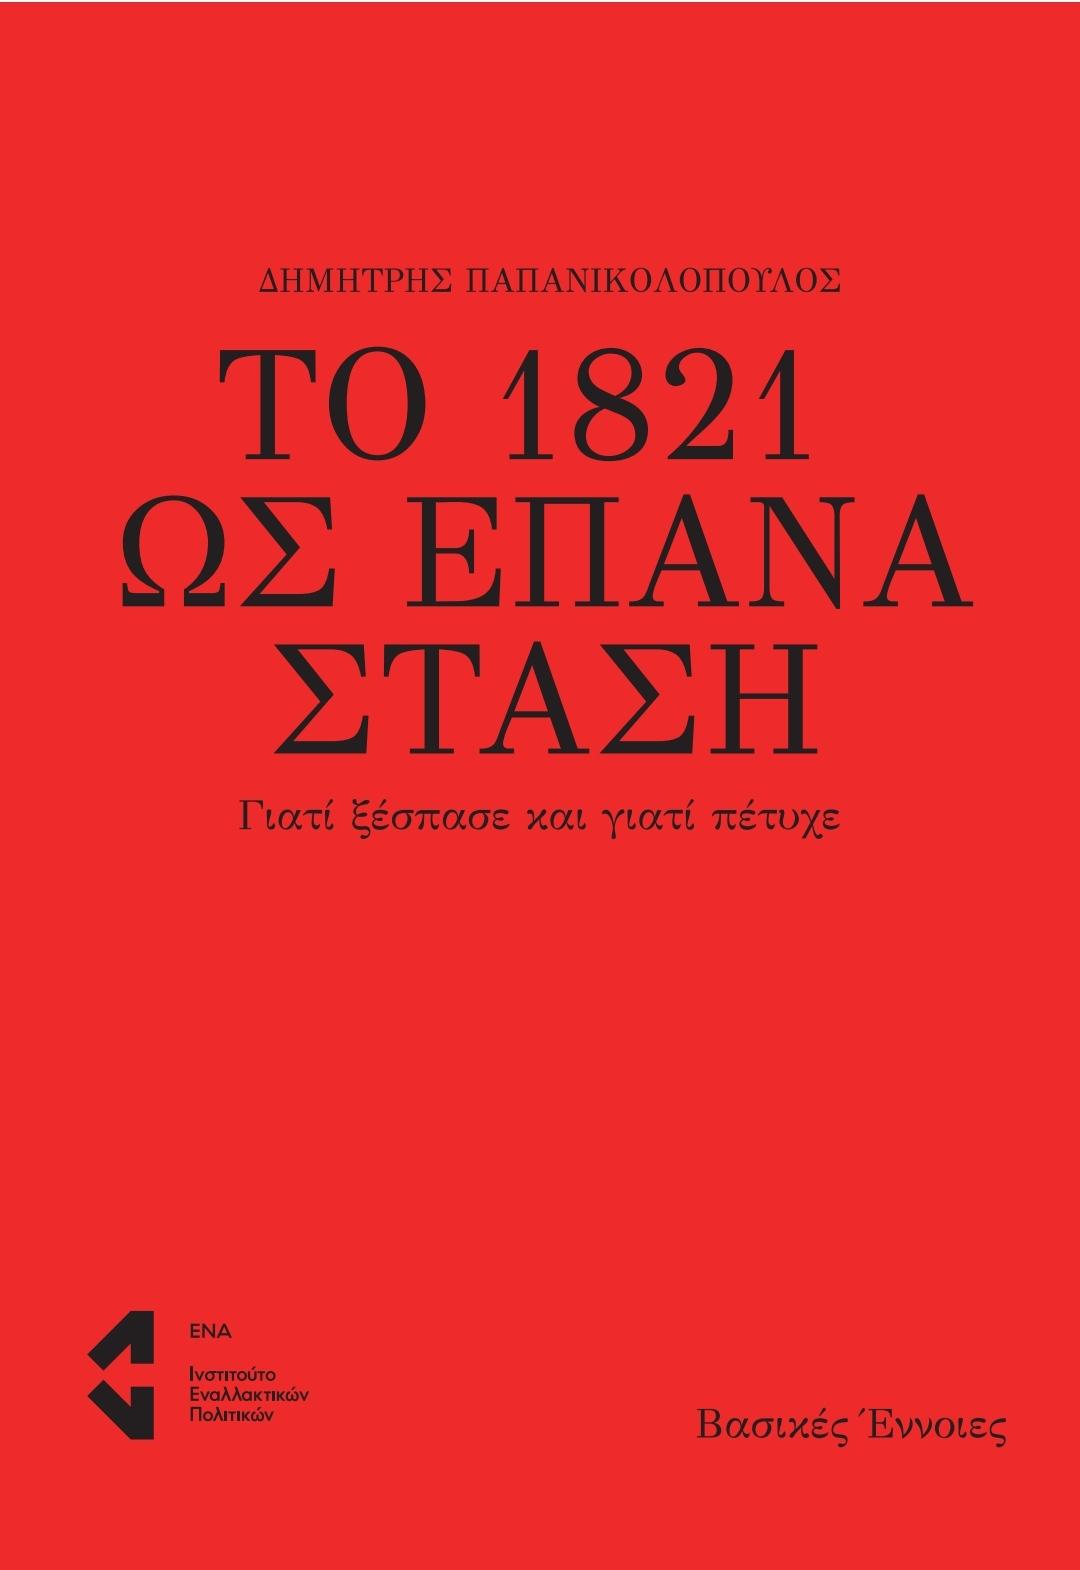 Το 1821 ως επανάσταση, Γιατί ξέσπασε και γιατί πέτυχε, Παπανικολόπουλος, Δημήτρης, Ινστιτούτο Εναλλακτικών Πολιτικών ΕΝΑ, 2021